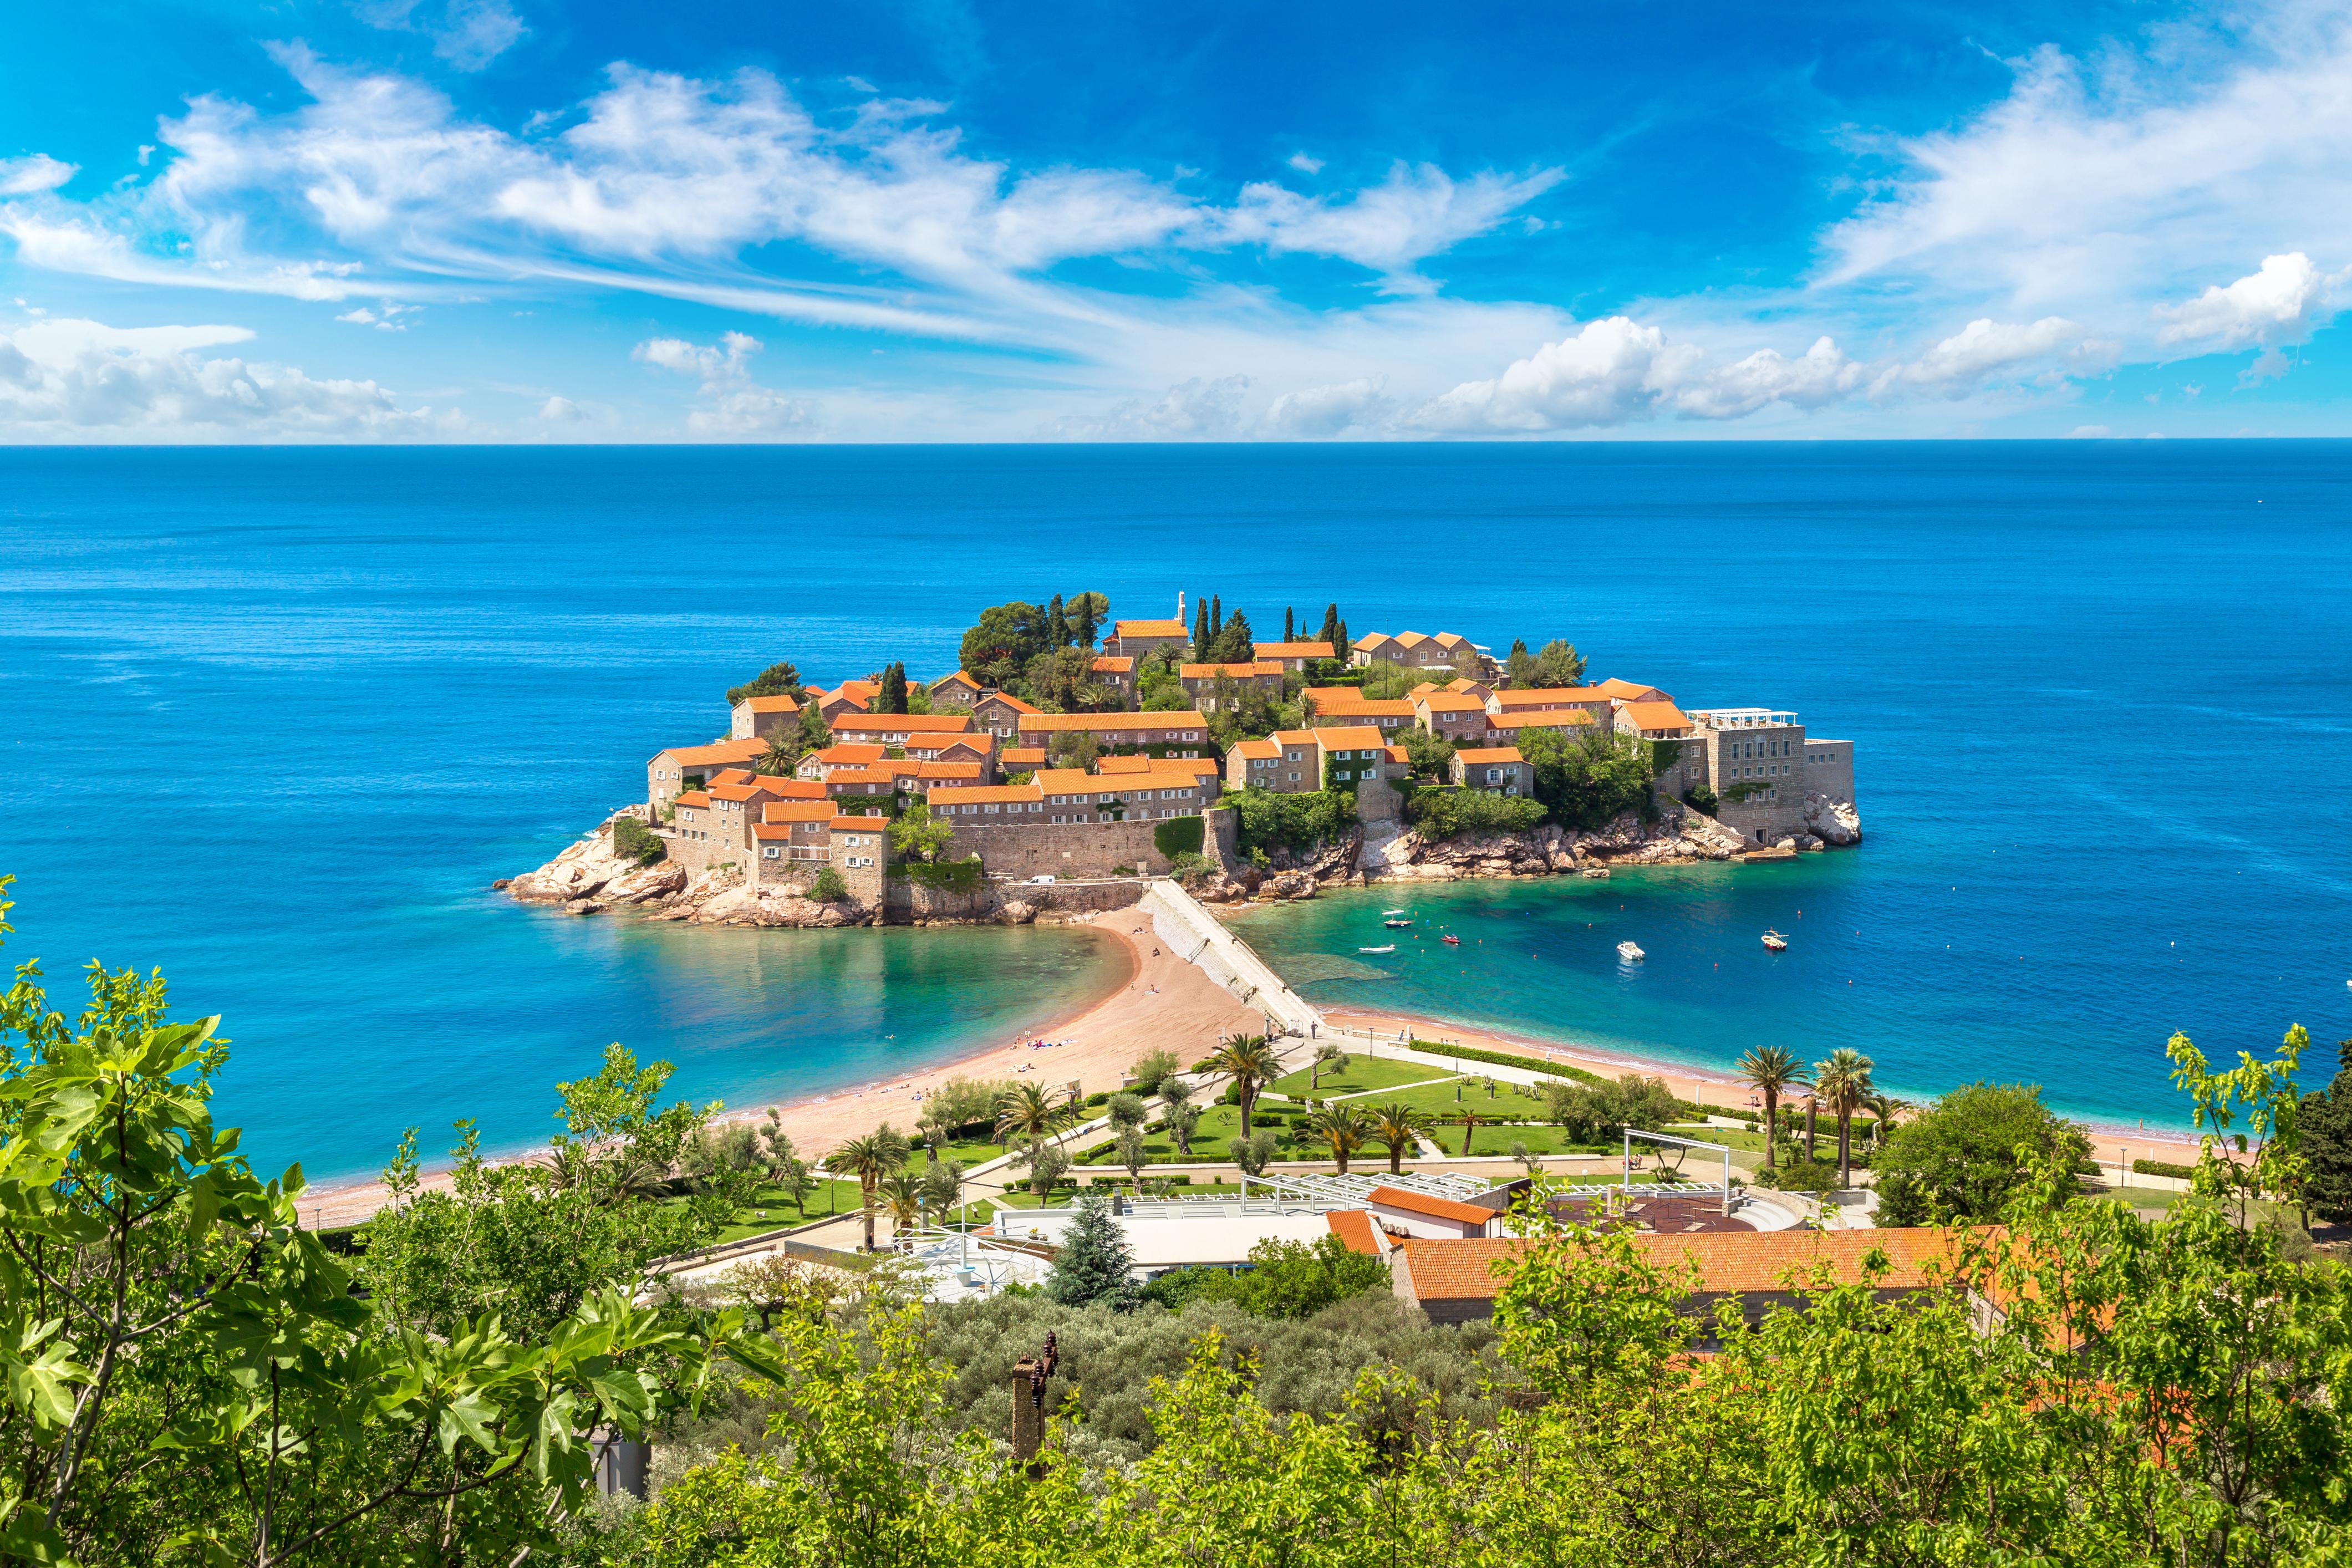 Остров Святого Стефана в Будве в Черногории, ВНЖ которой могут получить россияне, украинцы и белорусы